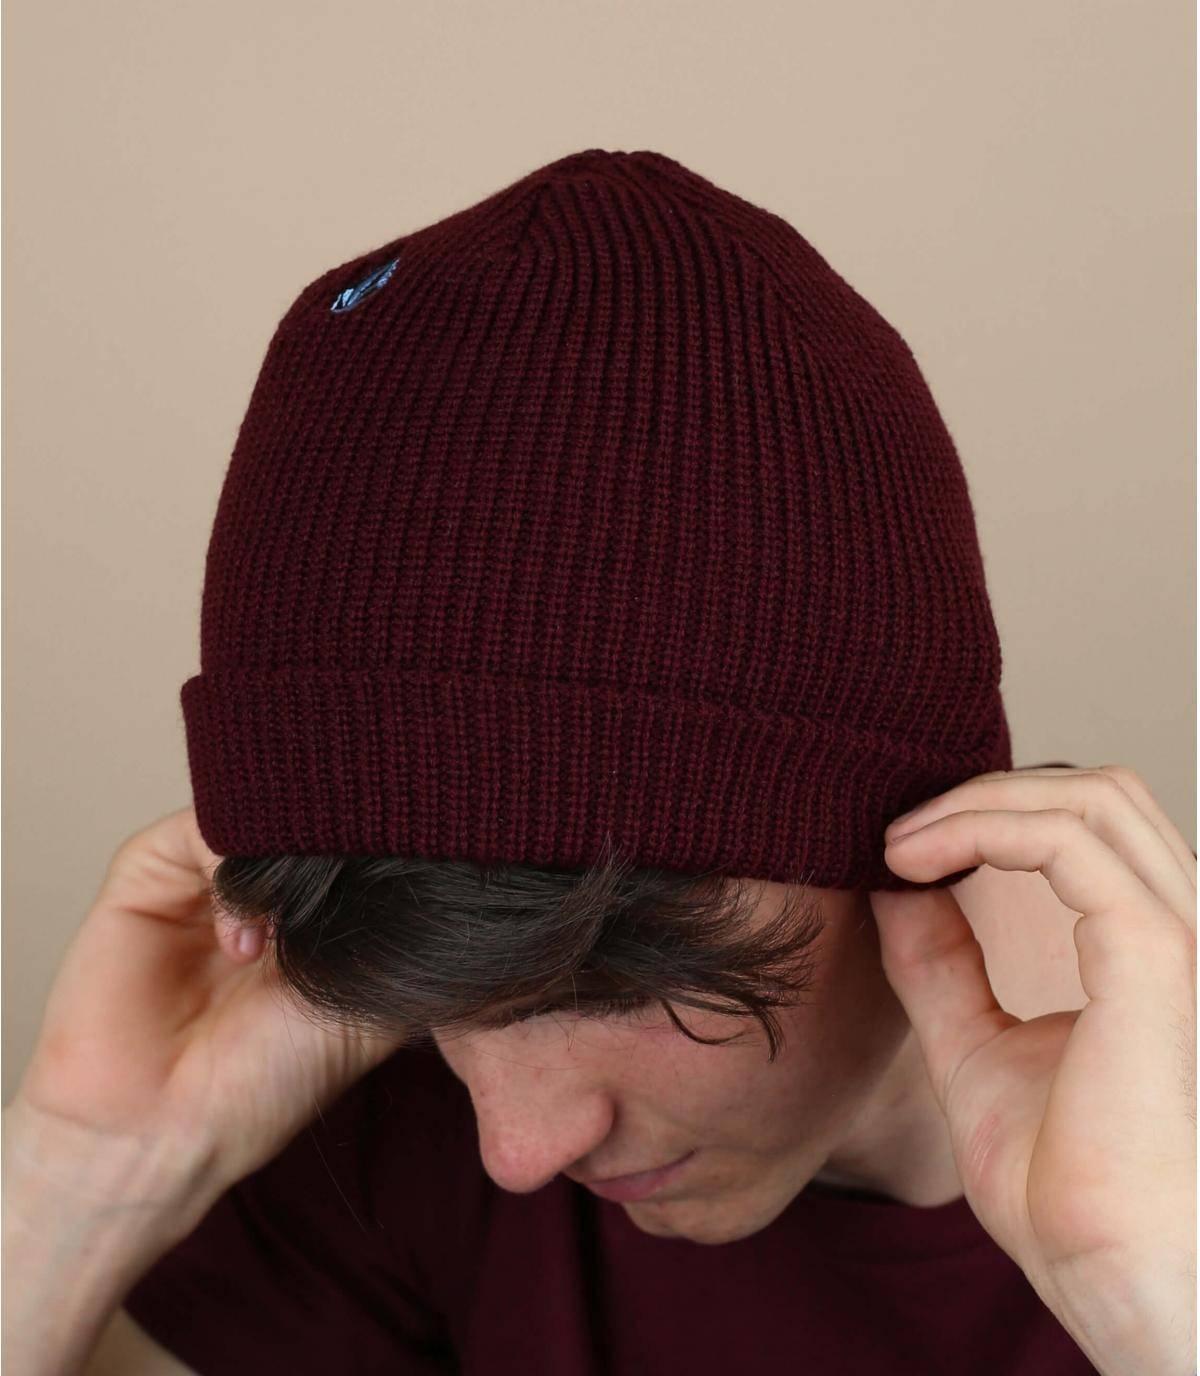 bonnet bordeaux Volcom